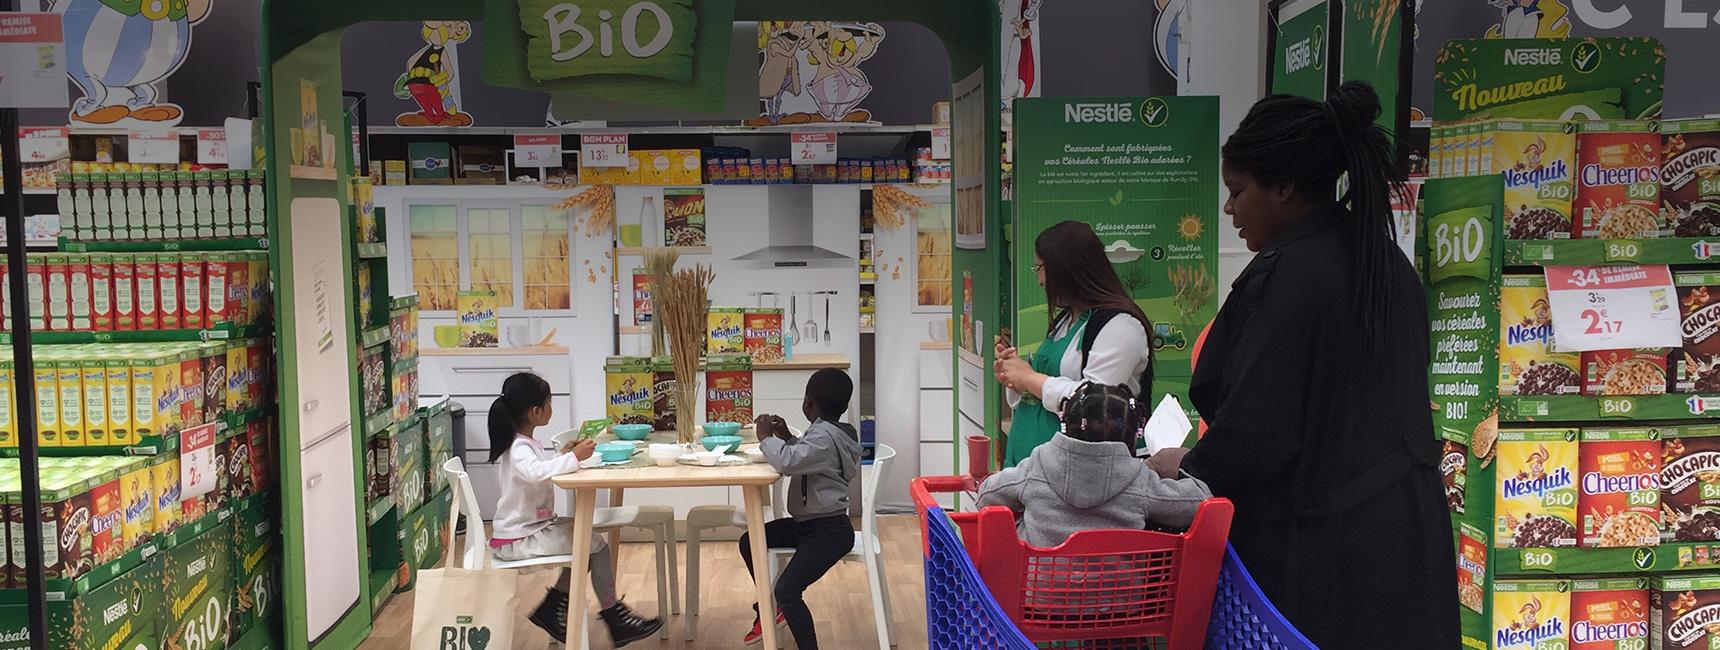 Animation ludo educative pour la nouvelle version bio des cereals Nestle - Keemia Shopper Marketing - Agence d'activation shopper marketing phygitale